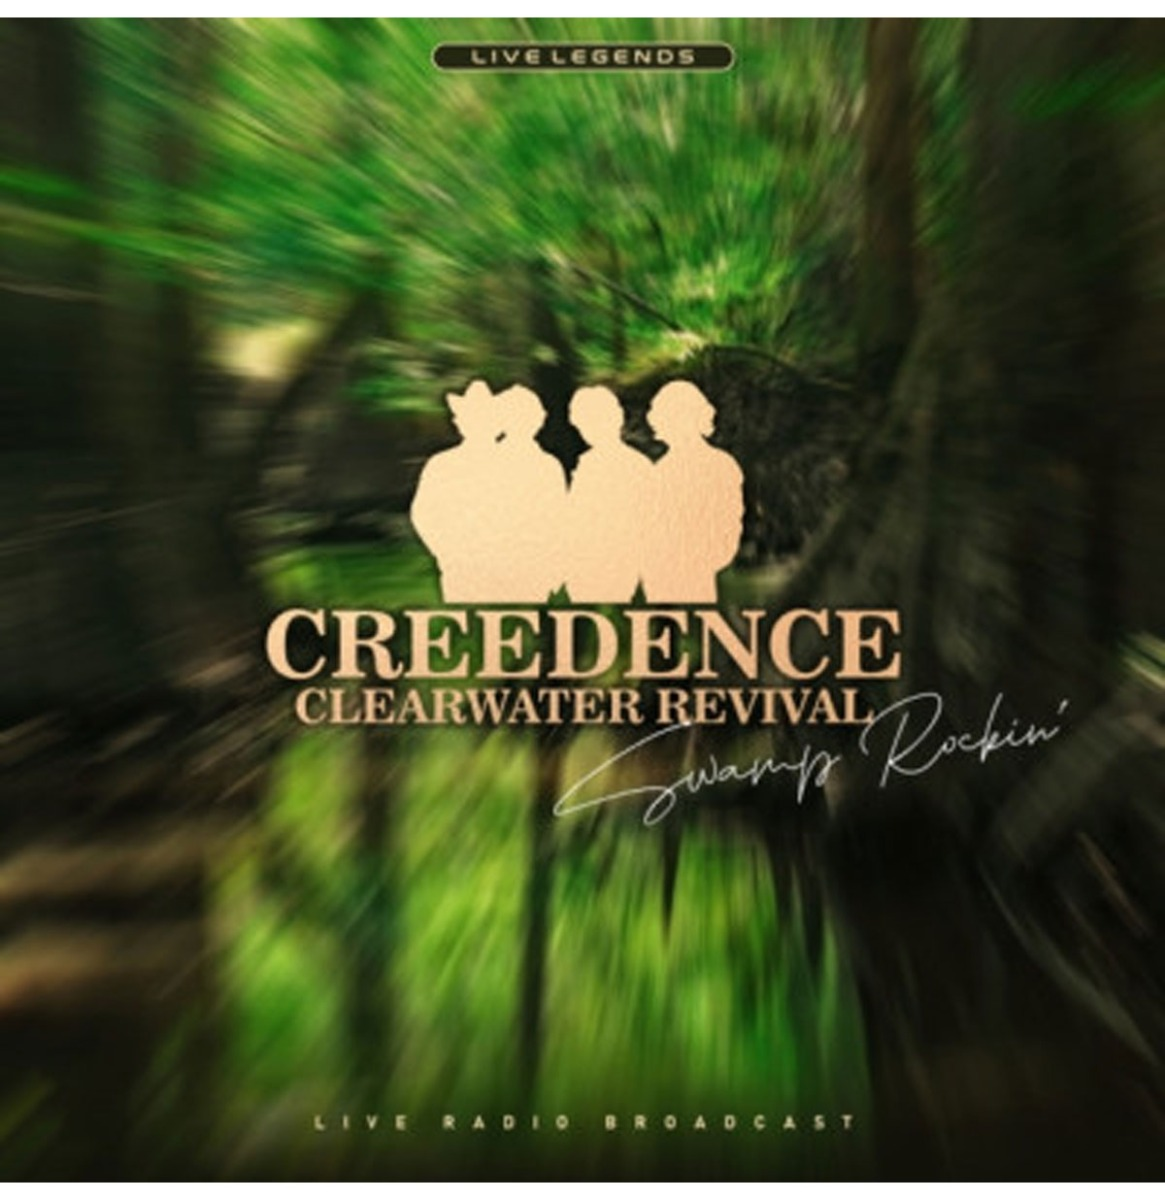 Creedence Clearwater Revival - Swamp Rockin` (Groen Vinyl) LP